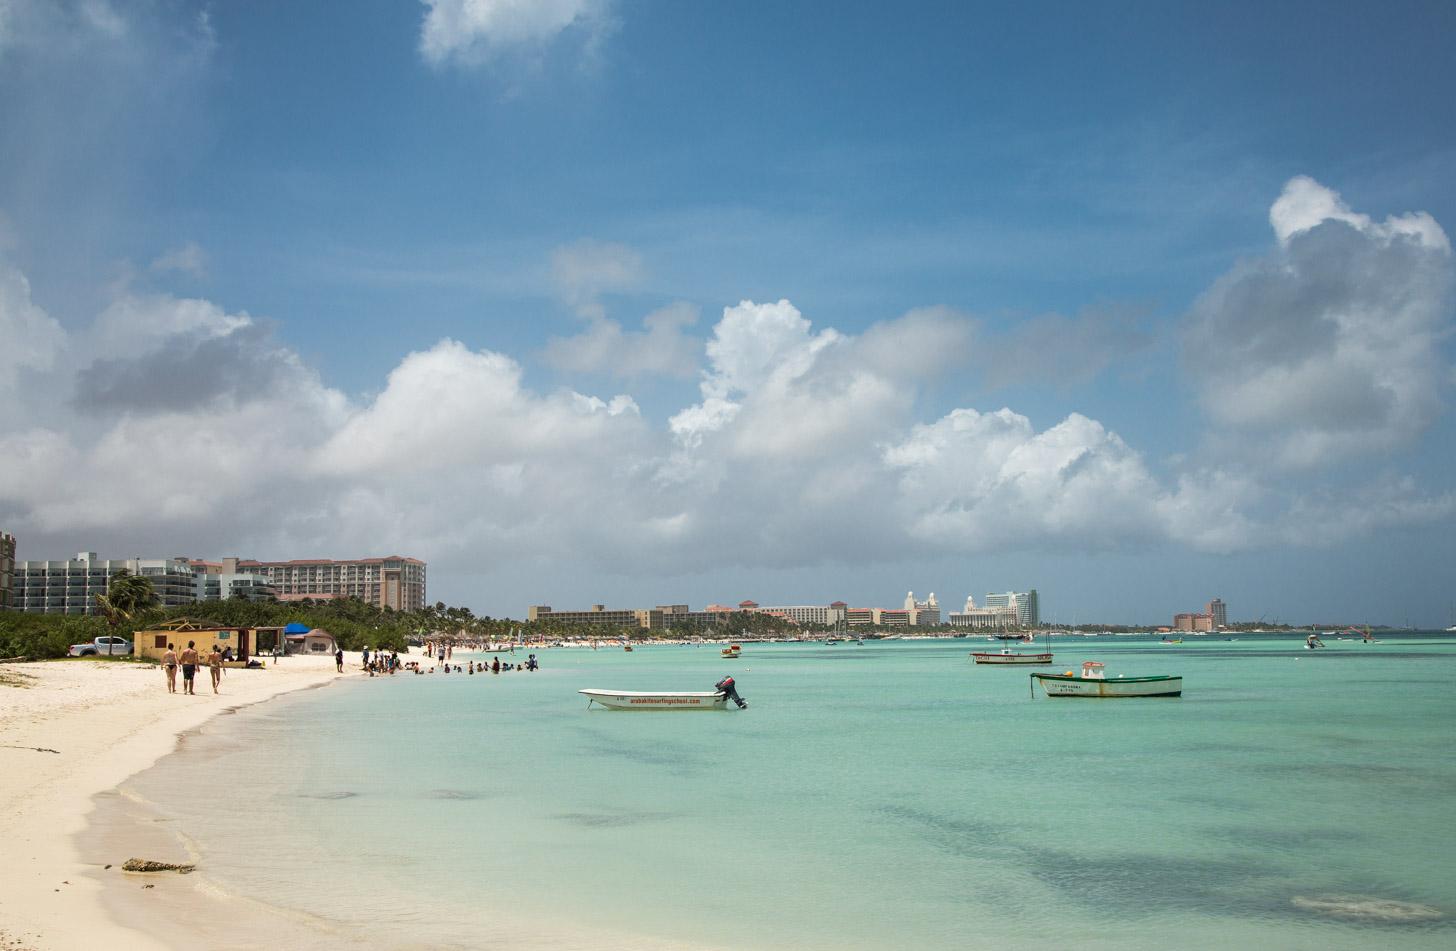 het prachtige strand van Palm Beach met de high rise hotels